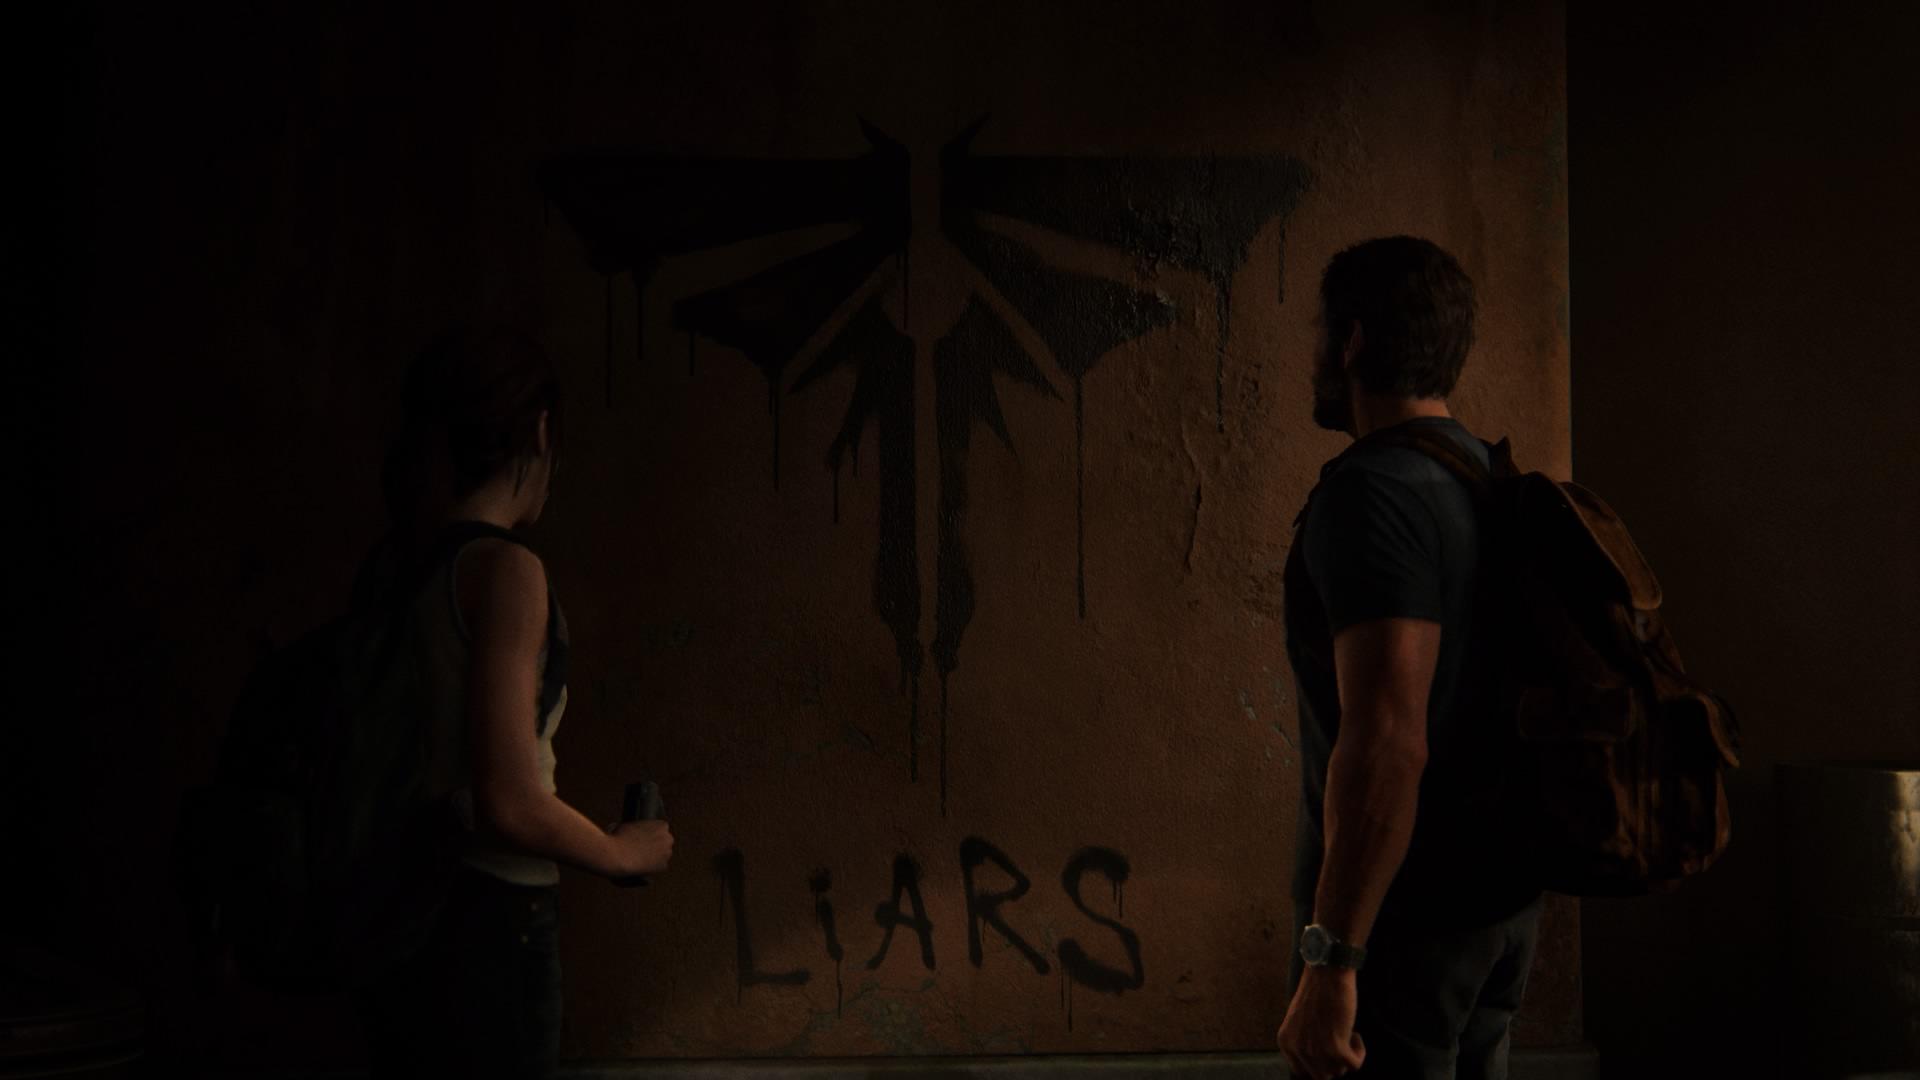 Am Ende Des Besuchs Gibt Es Ein Wandgraffiti - Das Firefly-Logo Mit Dem Untertitel Liars (Lügner).